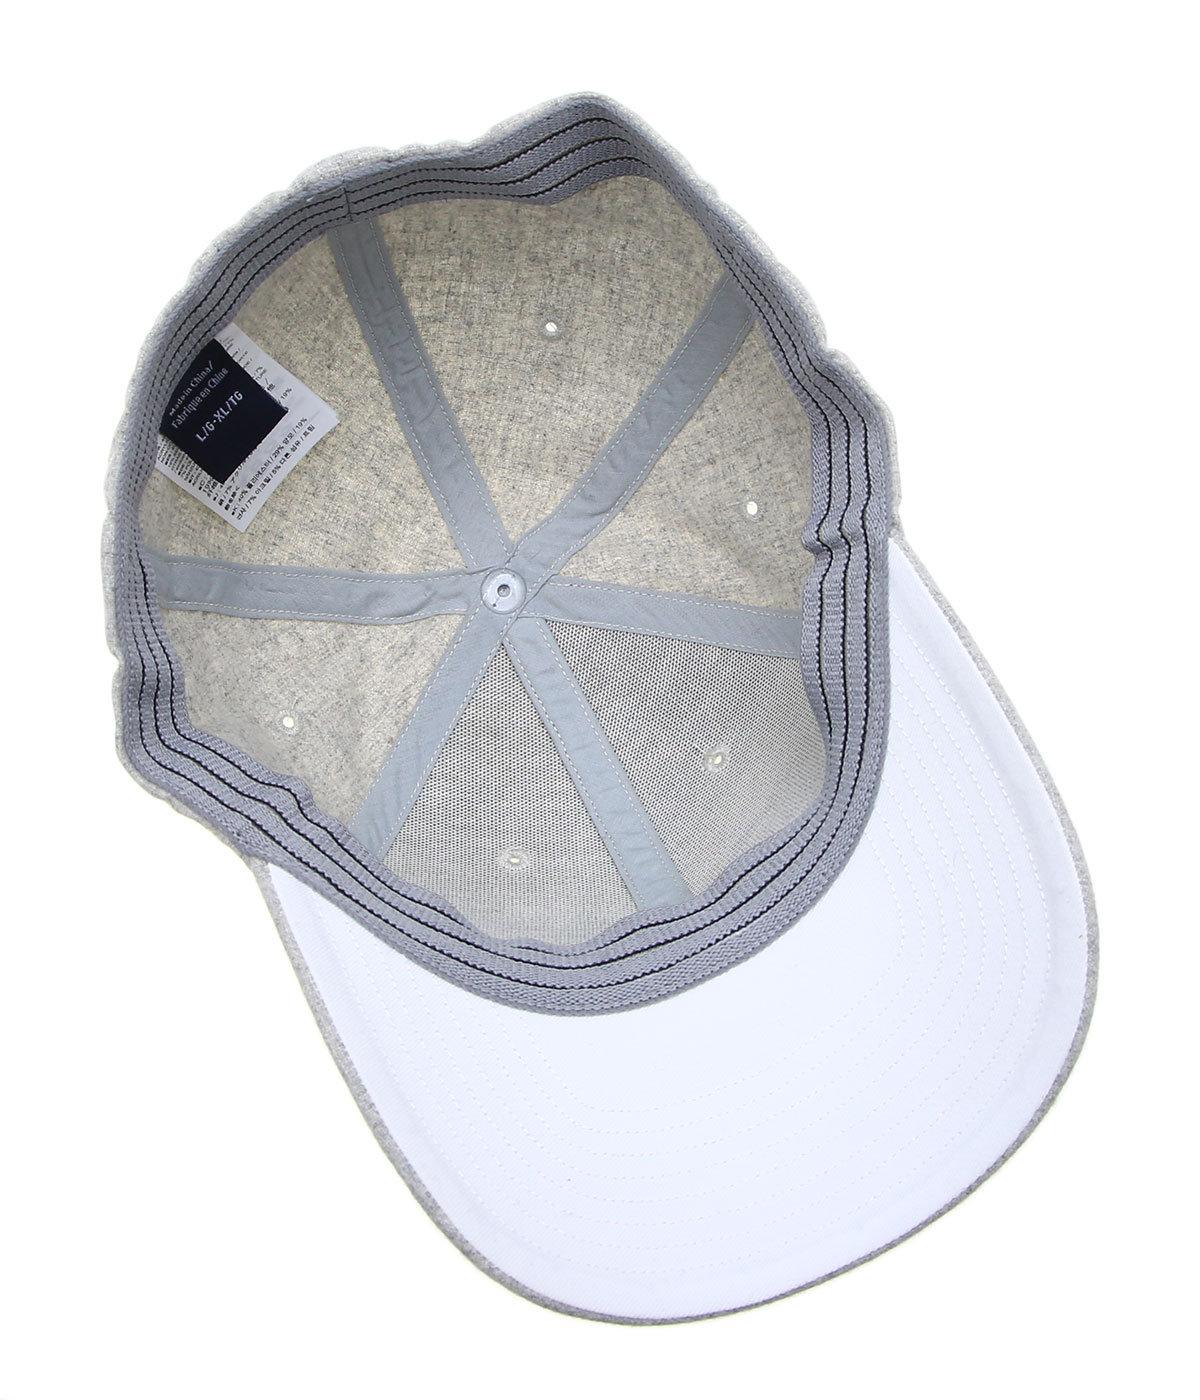 Wool Ball Cap